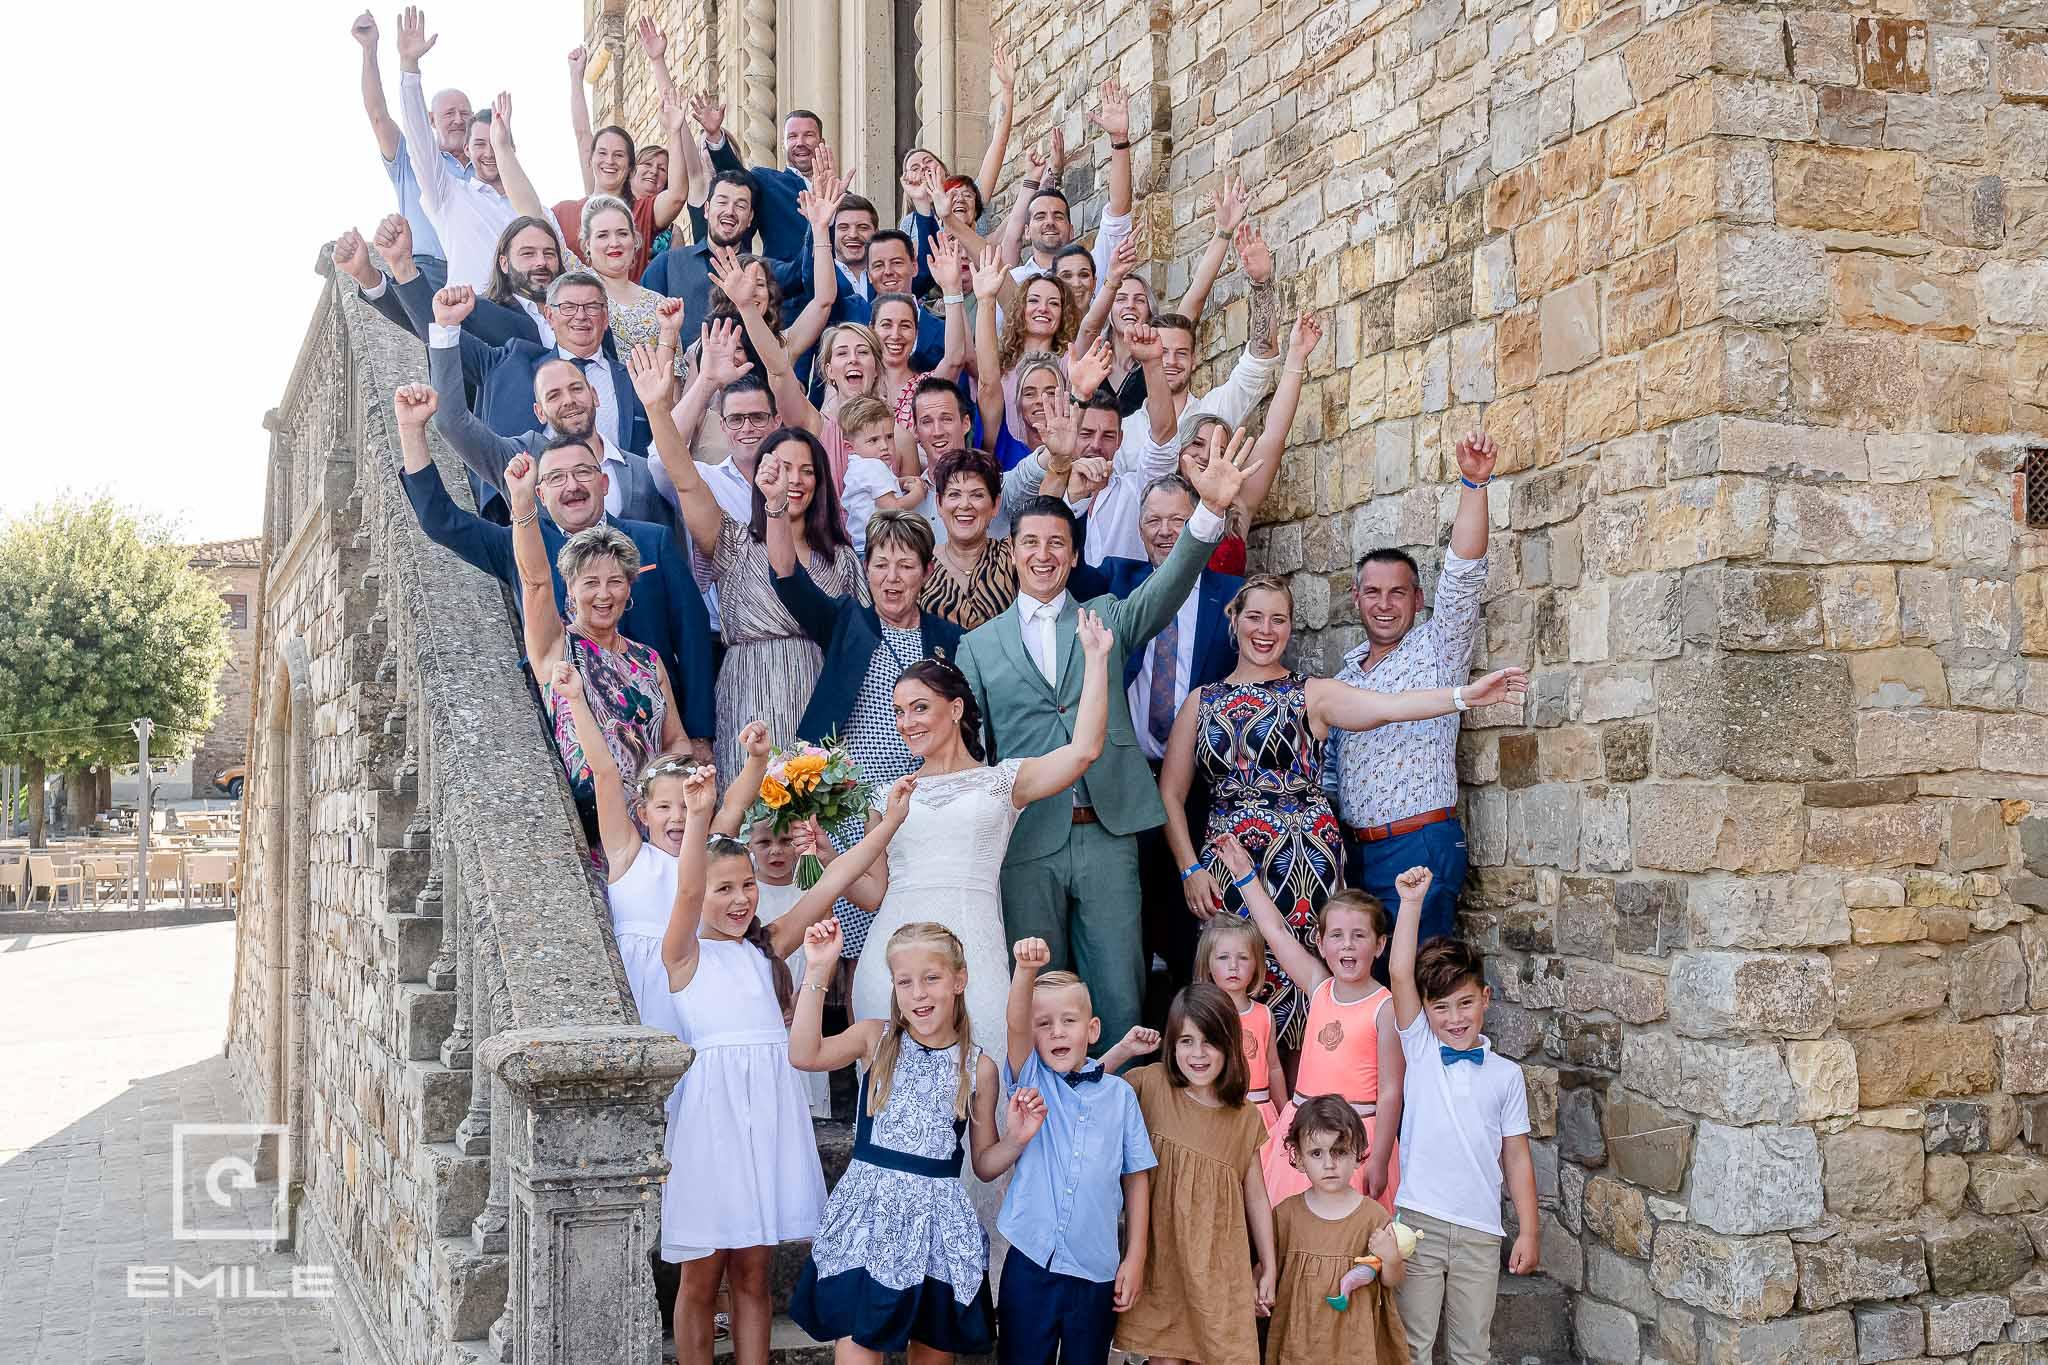 Groepsfoto voor de kerk - Destination wedding San Gimignano - Toscane Italie - Iris en Job